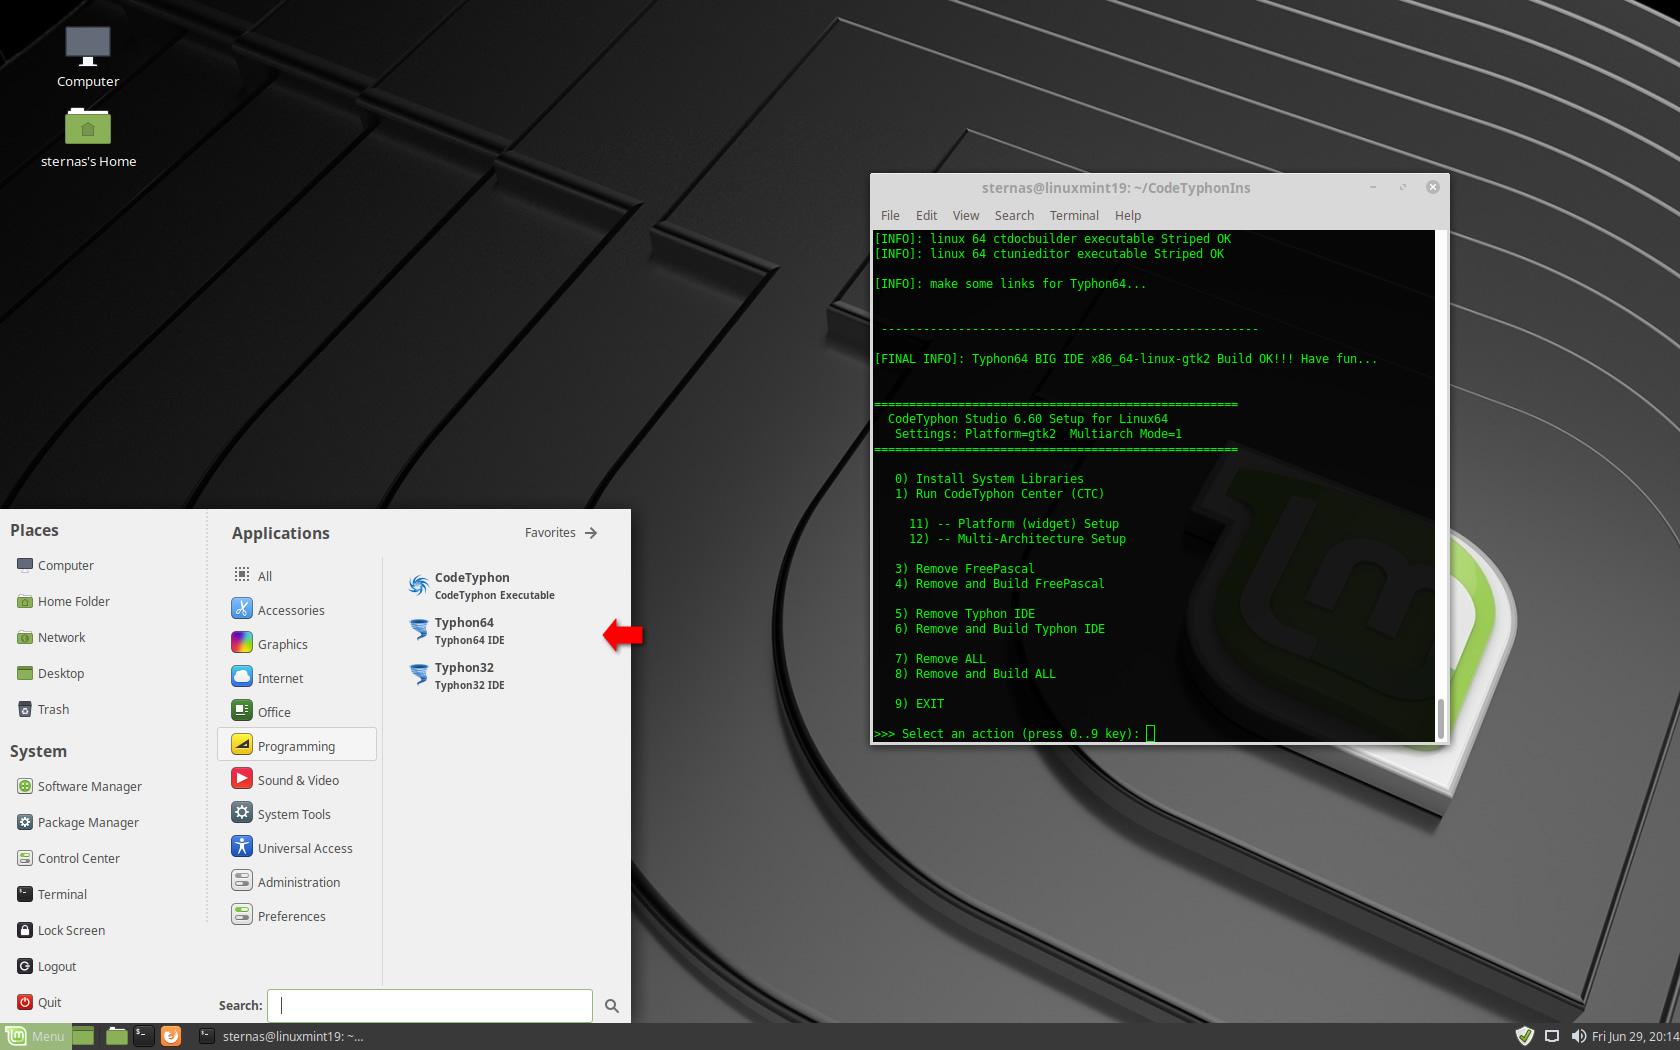 linux mint 10 download 64 bit